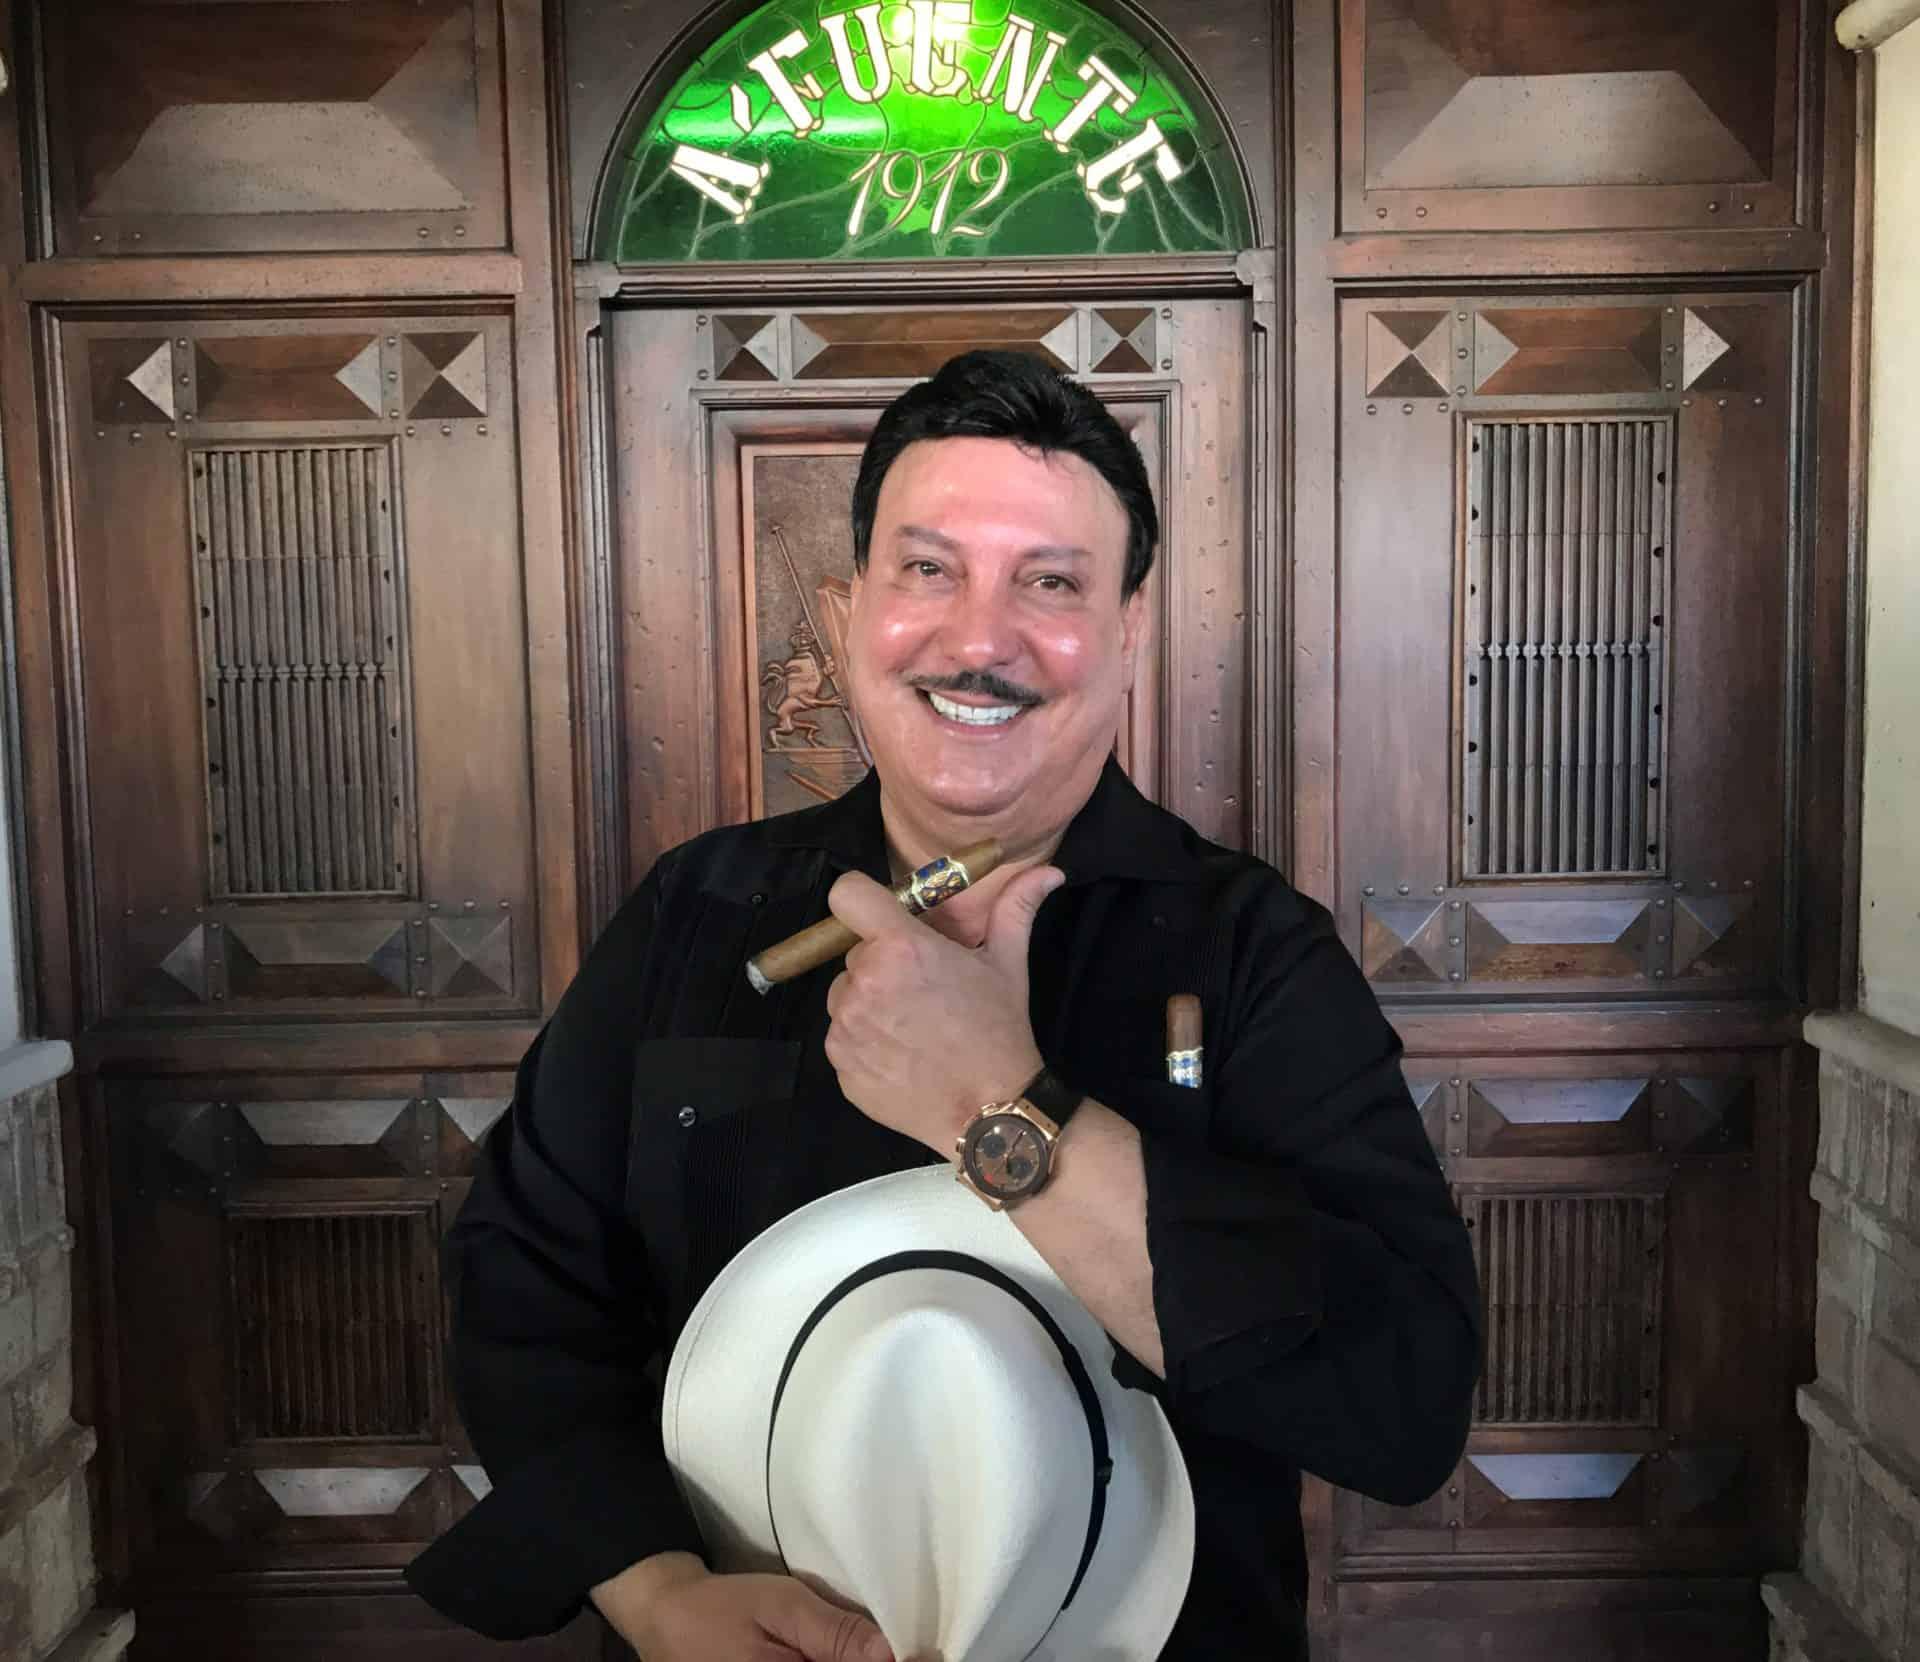 Carlito Fuente mit seiner Hublot am Arm und Zigarre zwischen den Fingern.